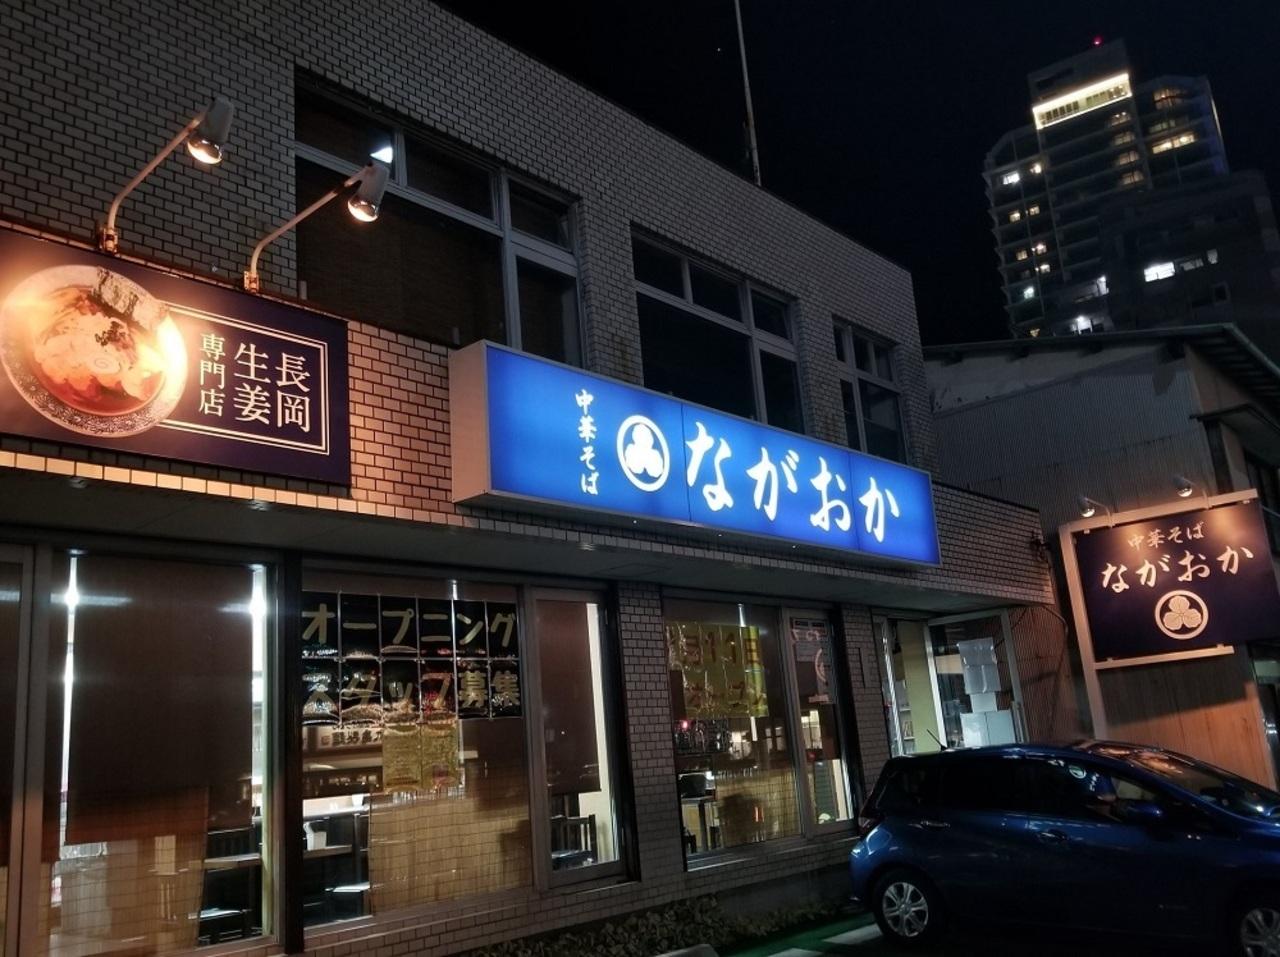 静岡県静岡市清水区辻1丁目に「中華そば ながおか」が明日グランドオープンのようです。